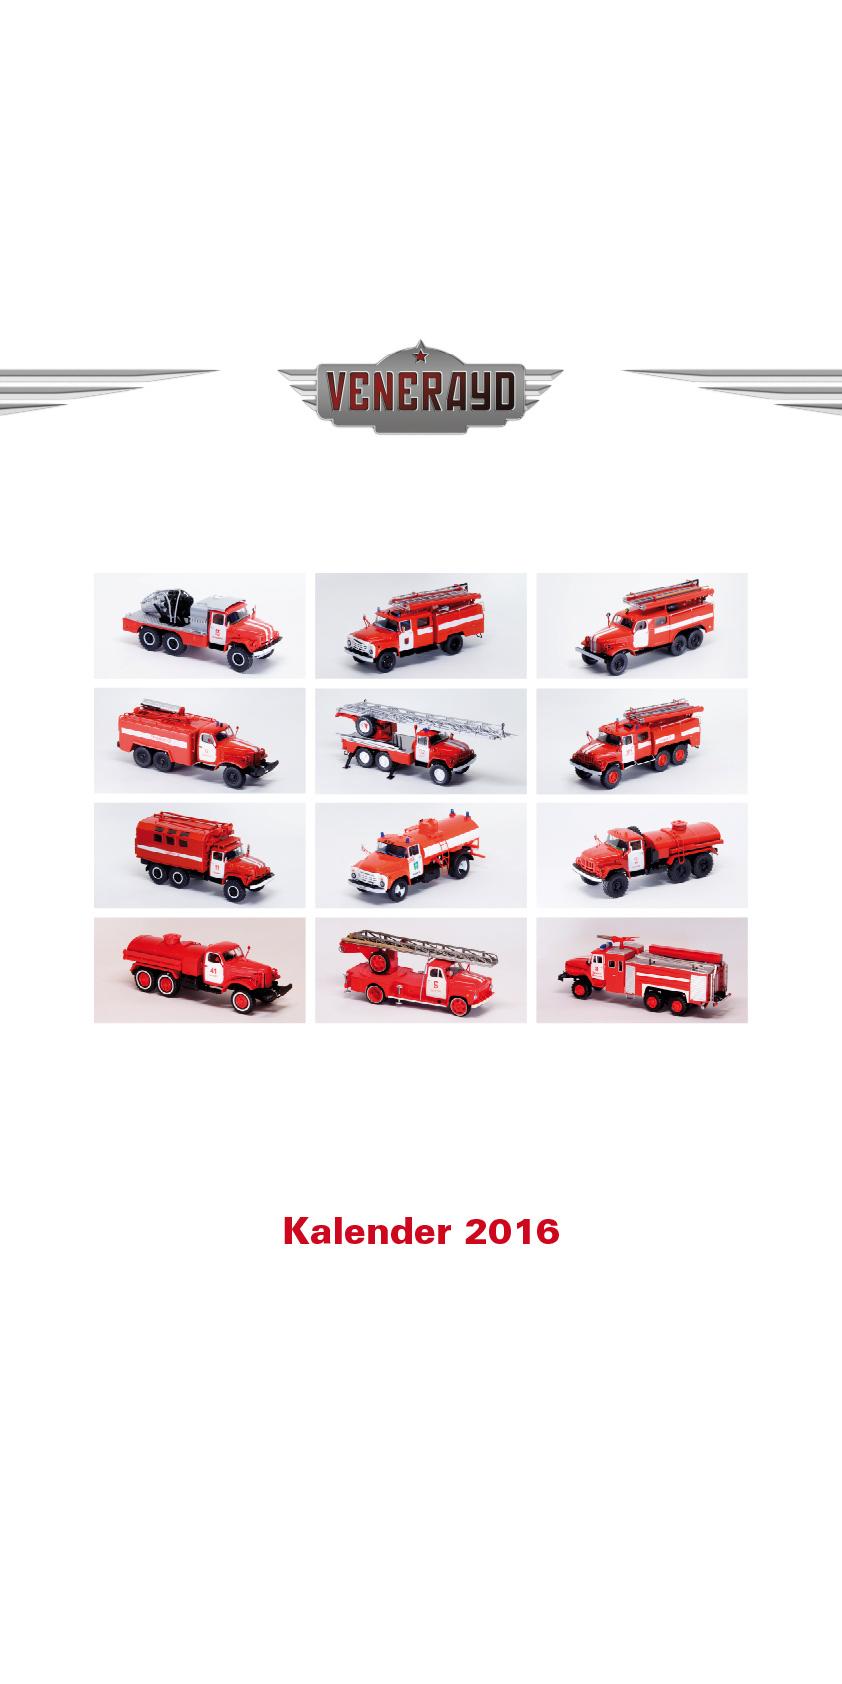 Veneraud_kalender_2016_1